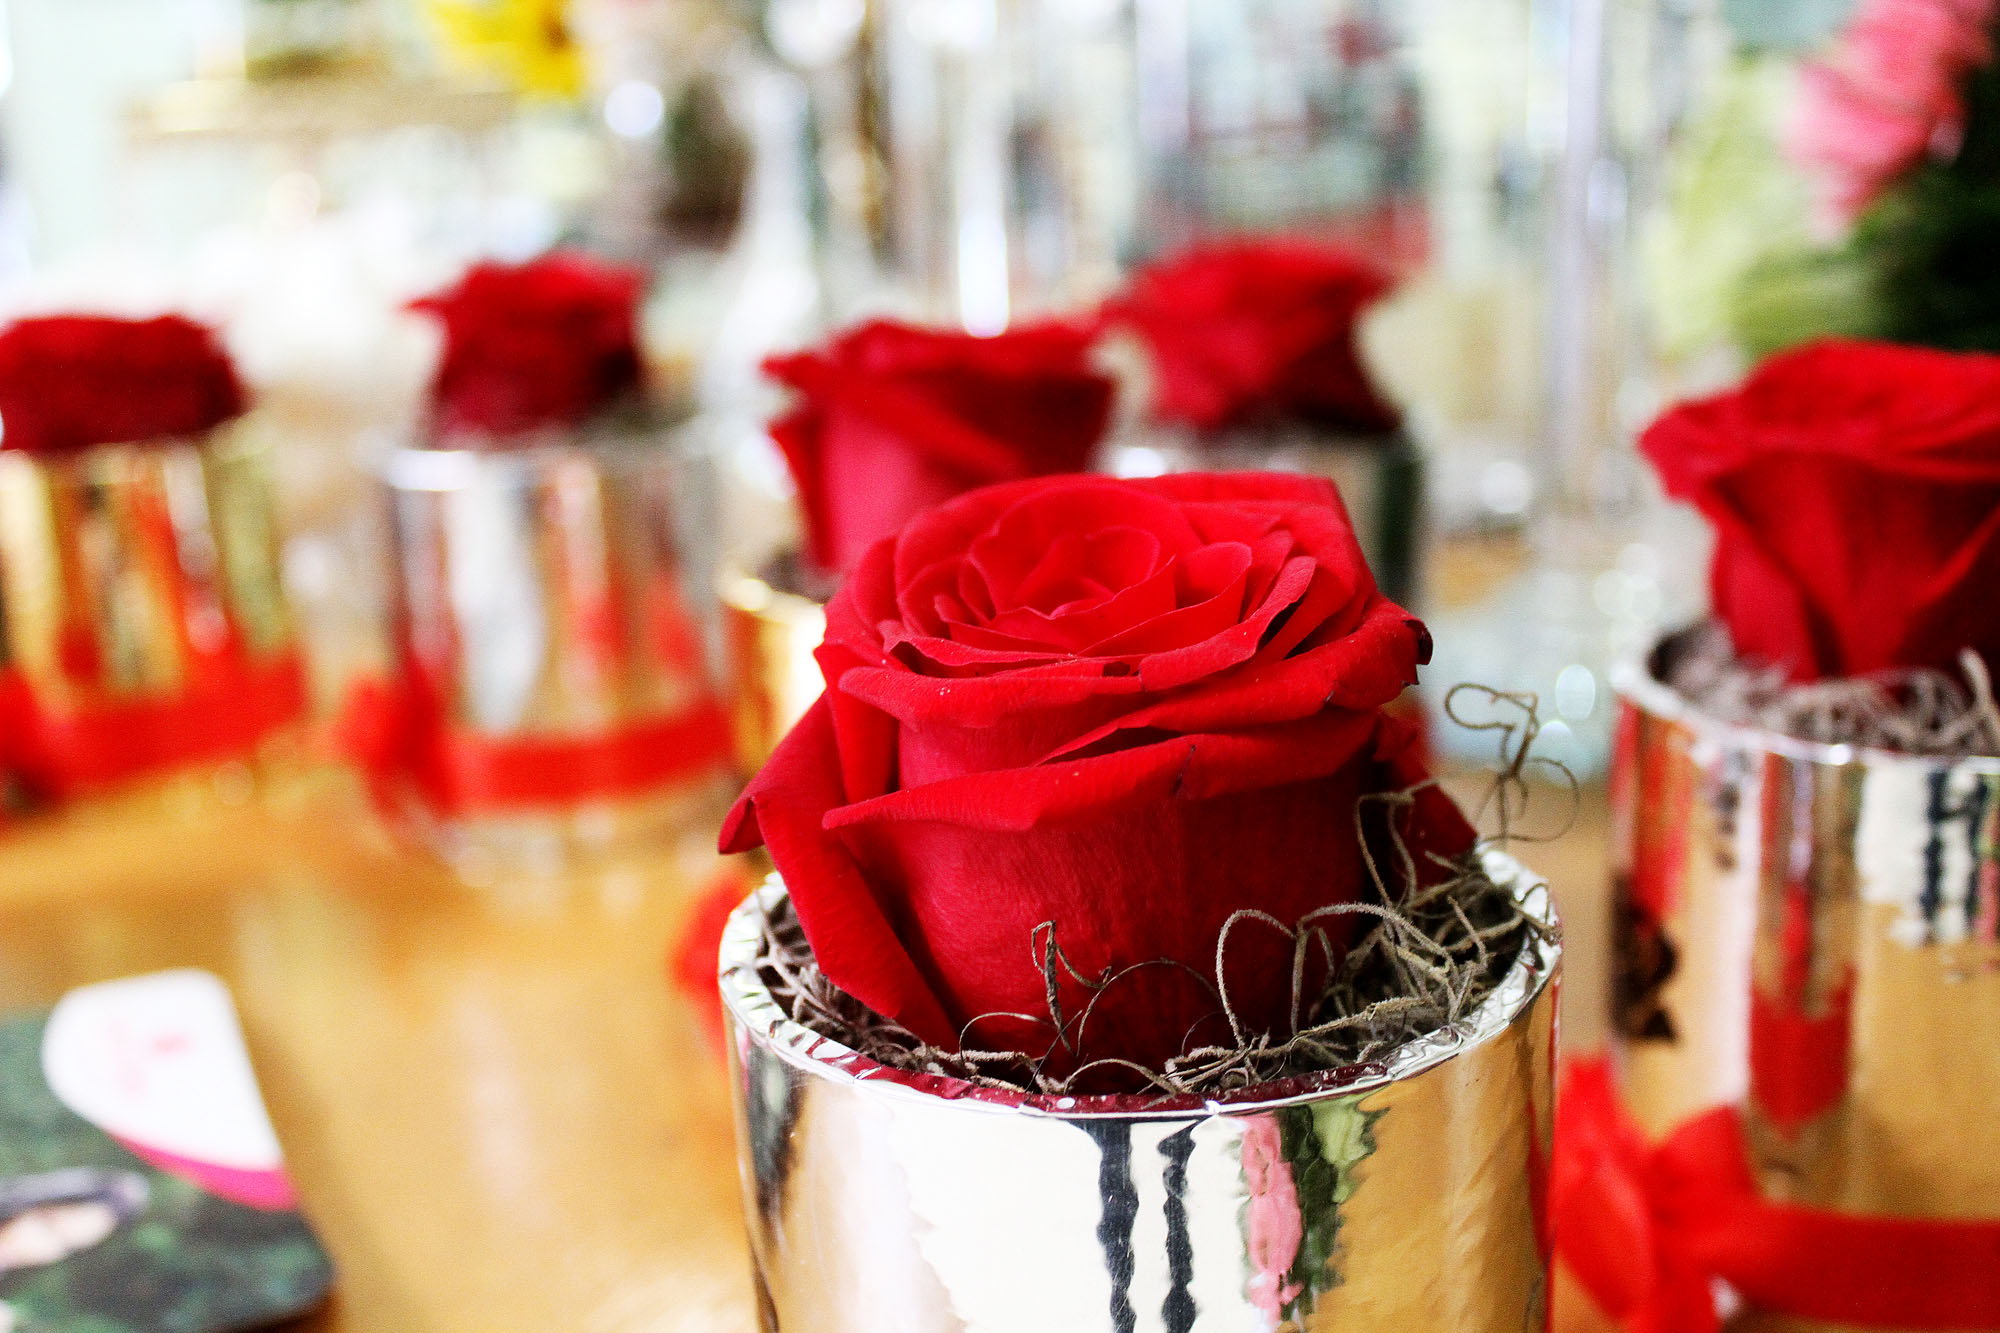 Novocentro rosas